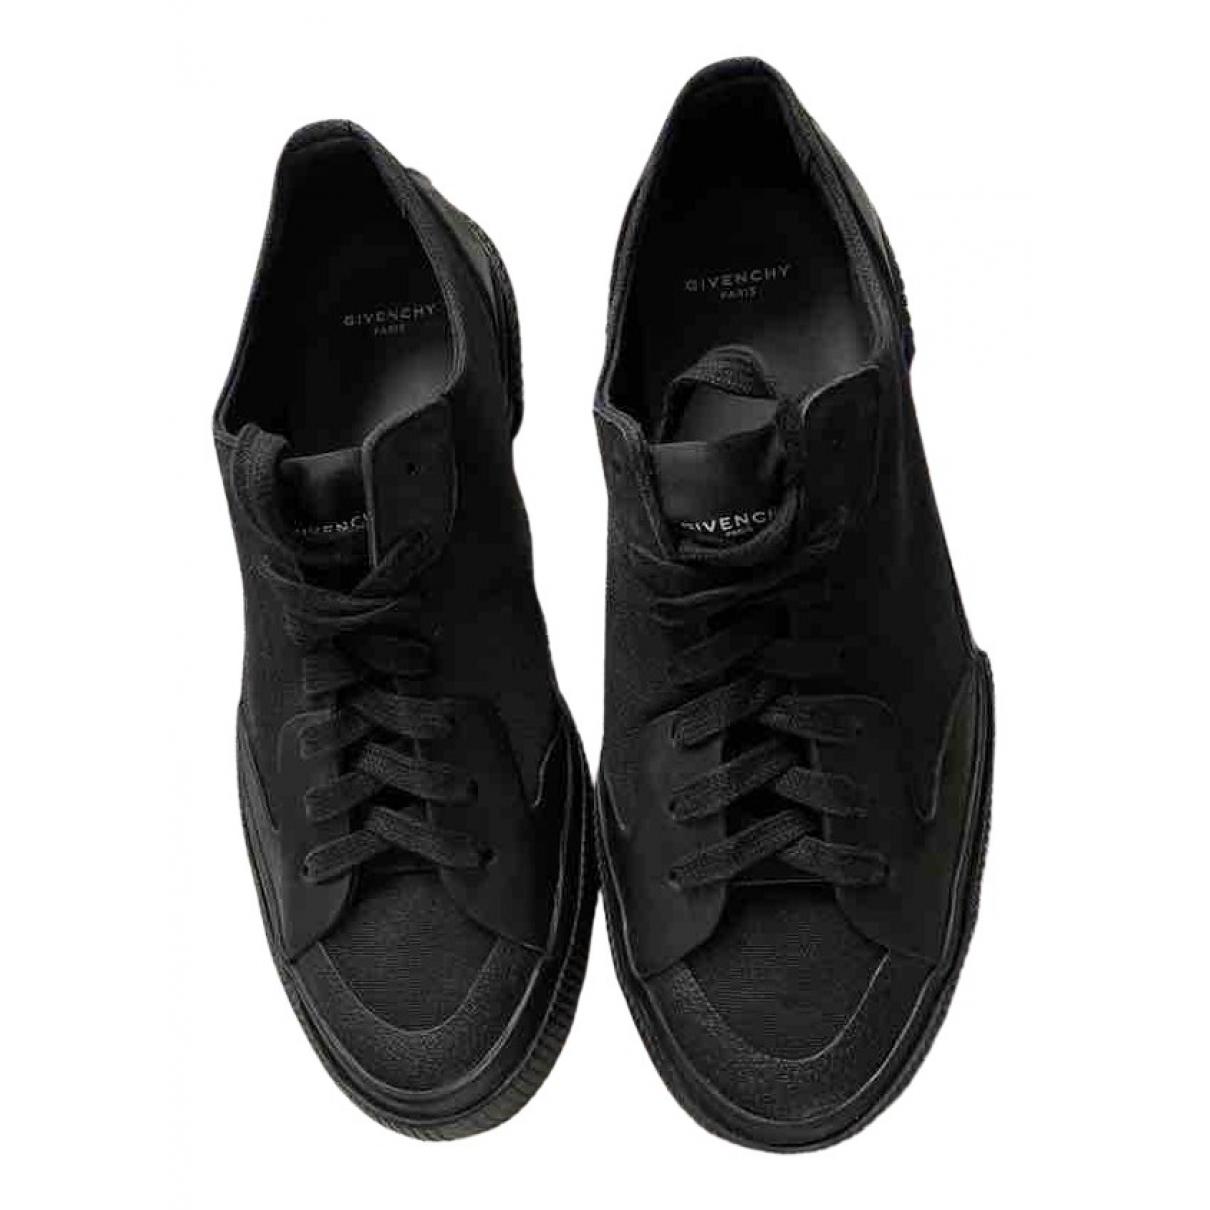 Givenchy - Baskets   pour homme en toile - noir